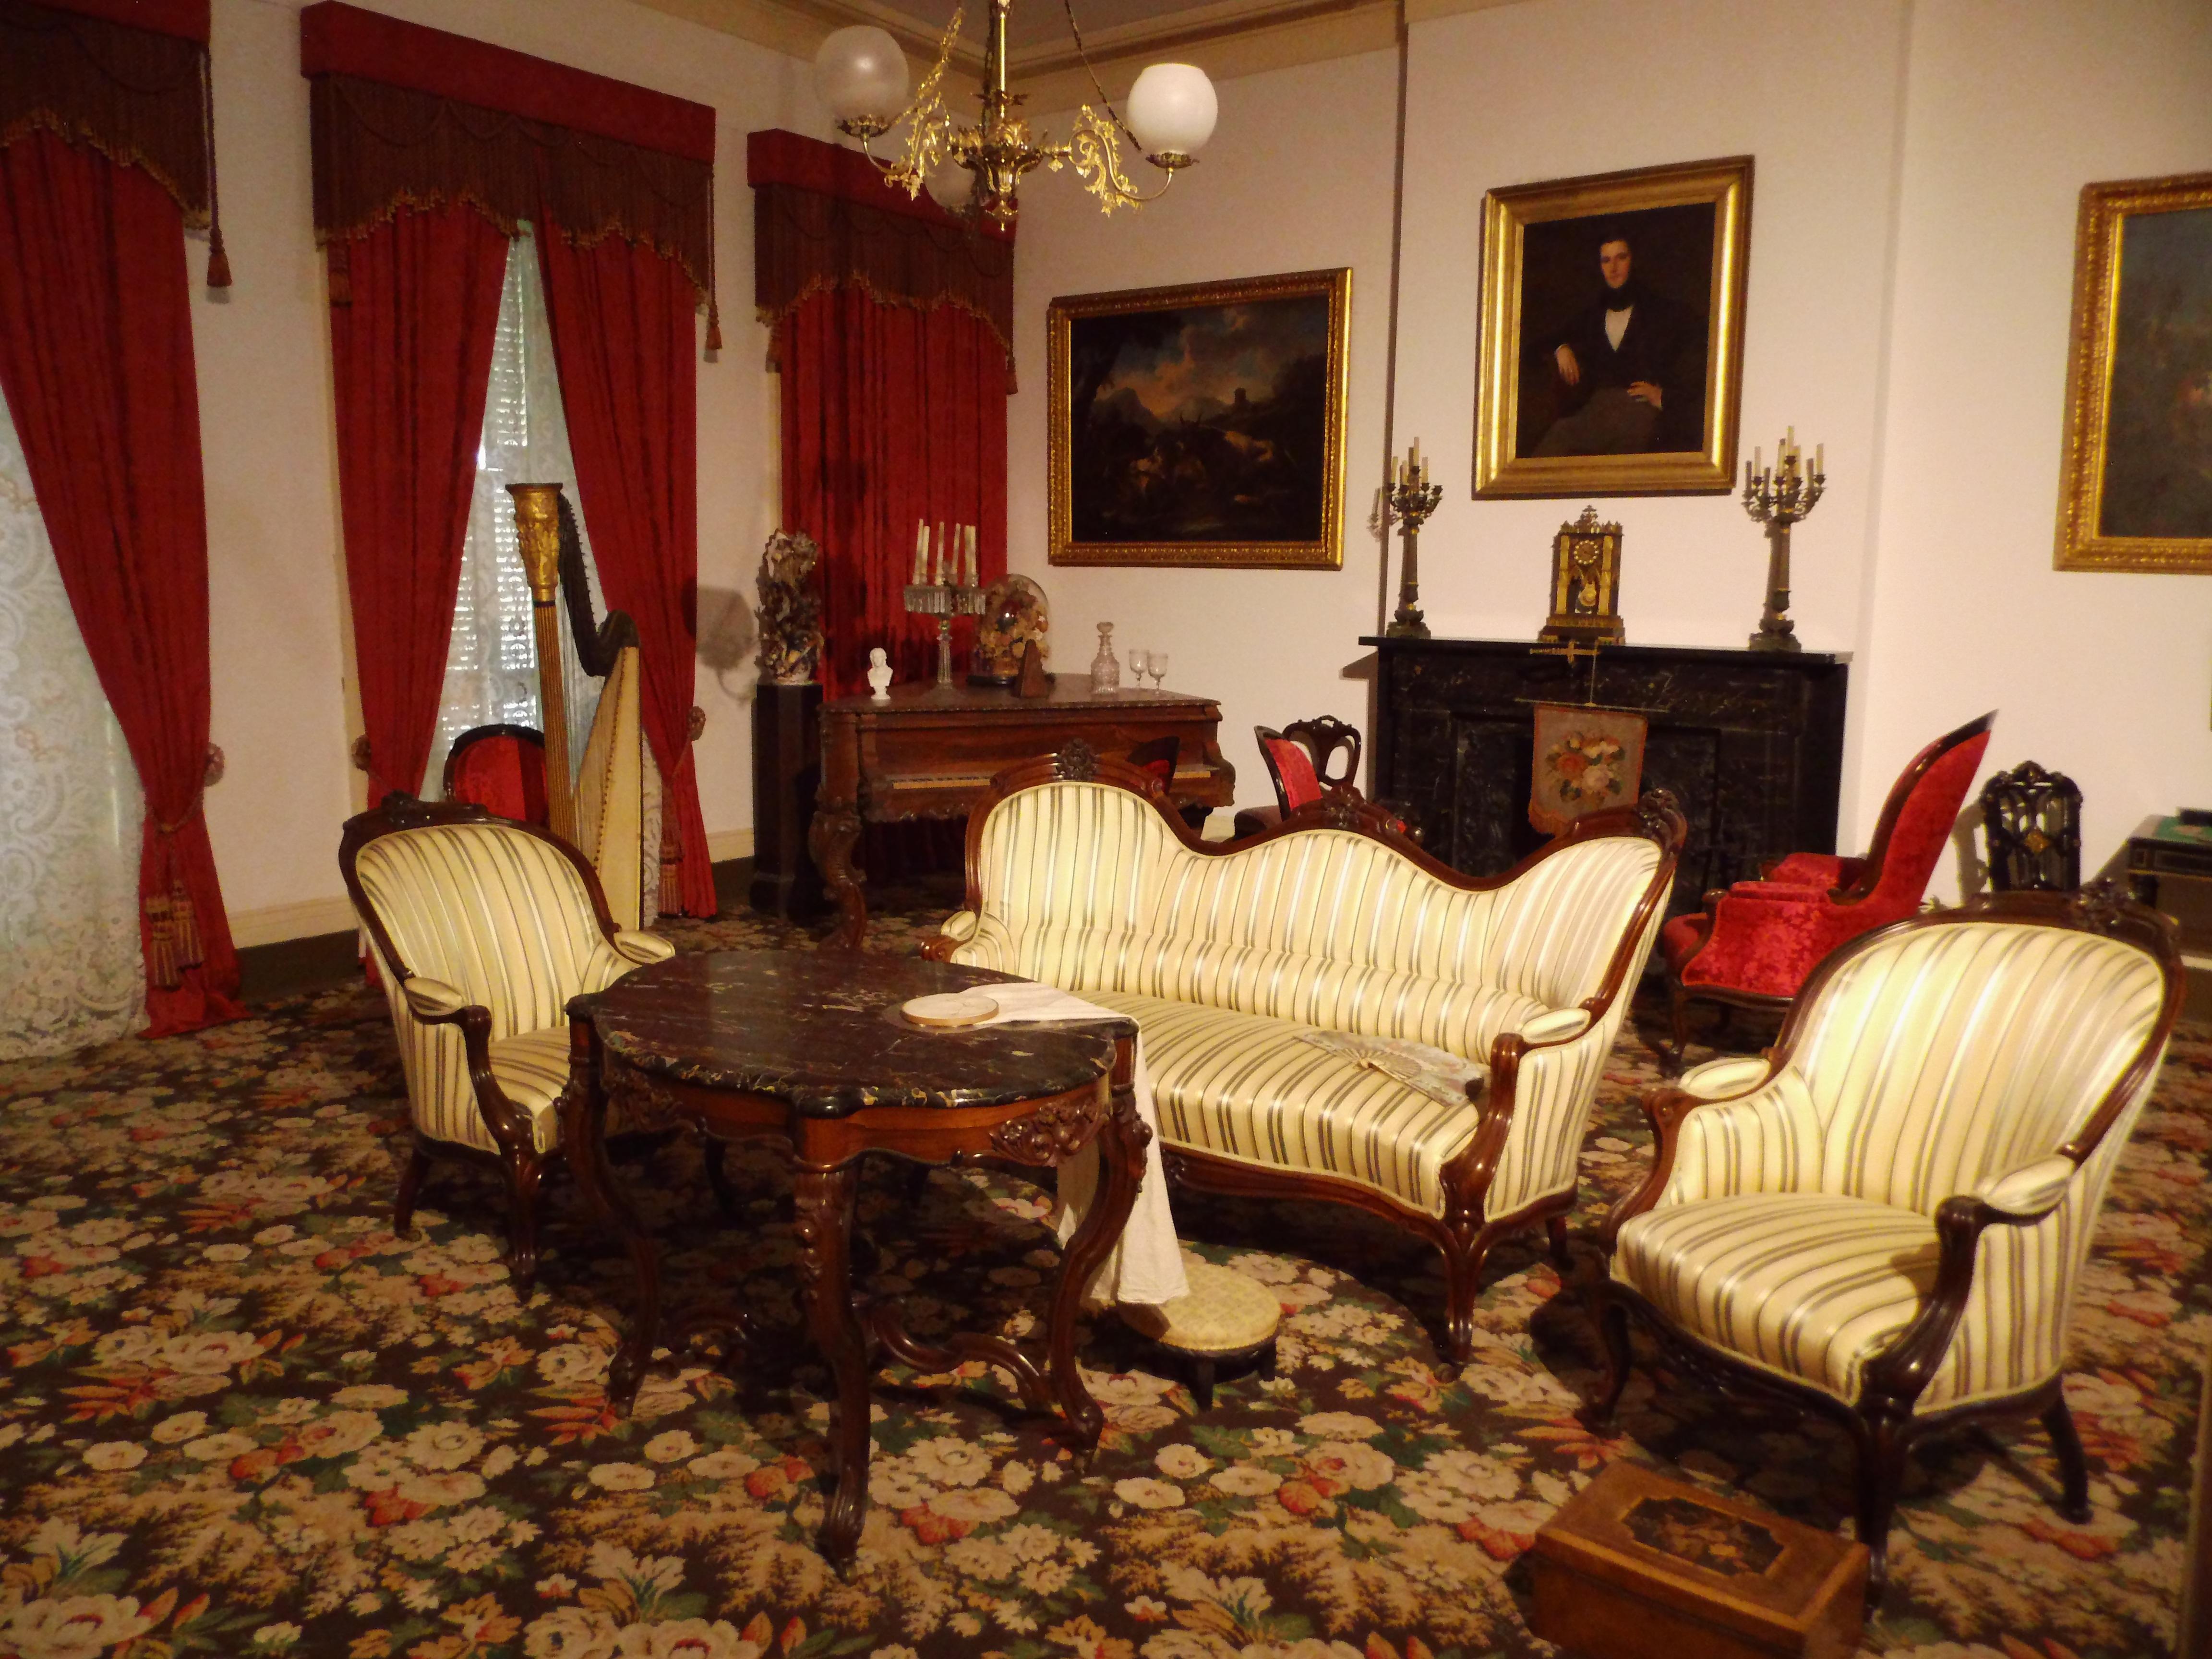 Images Gratuites Antique Villa Manoir Int 233 Rieur